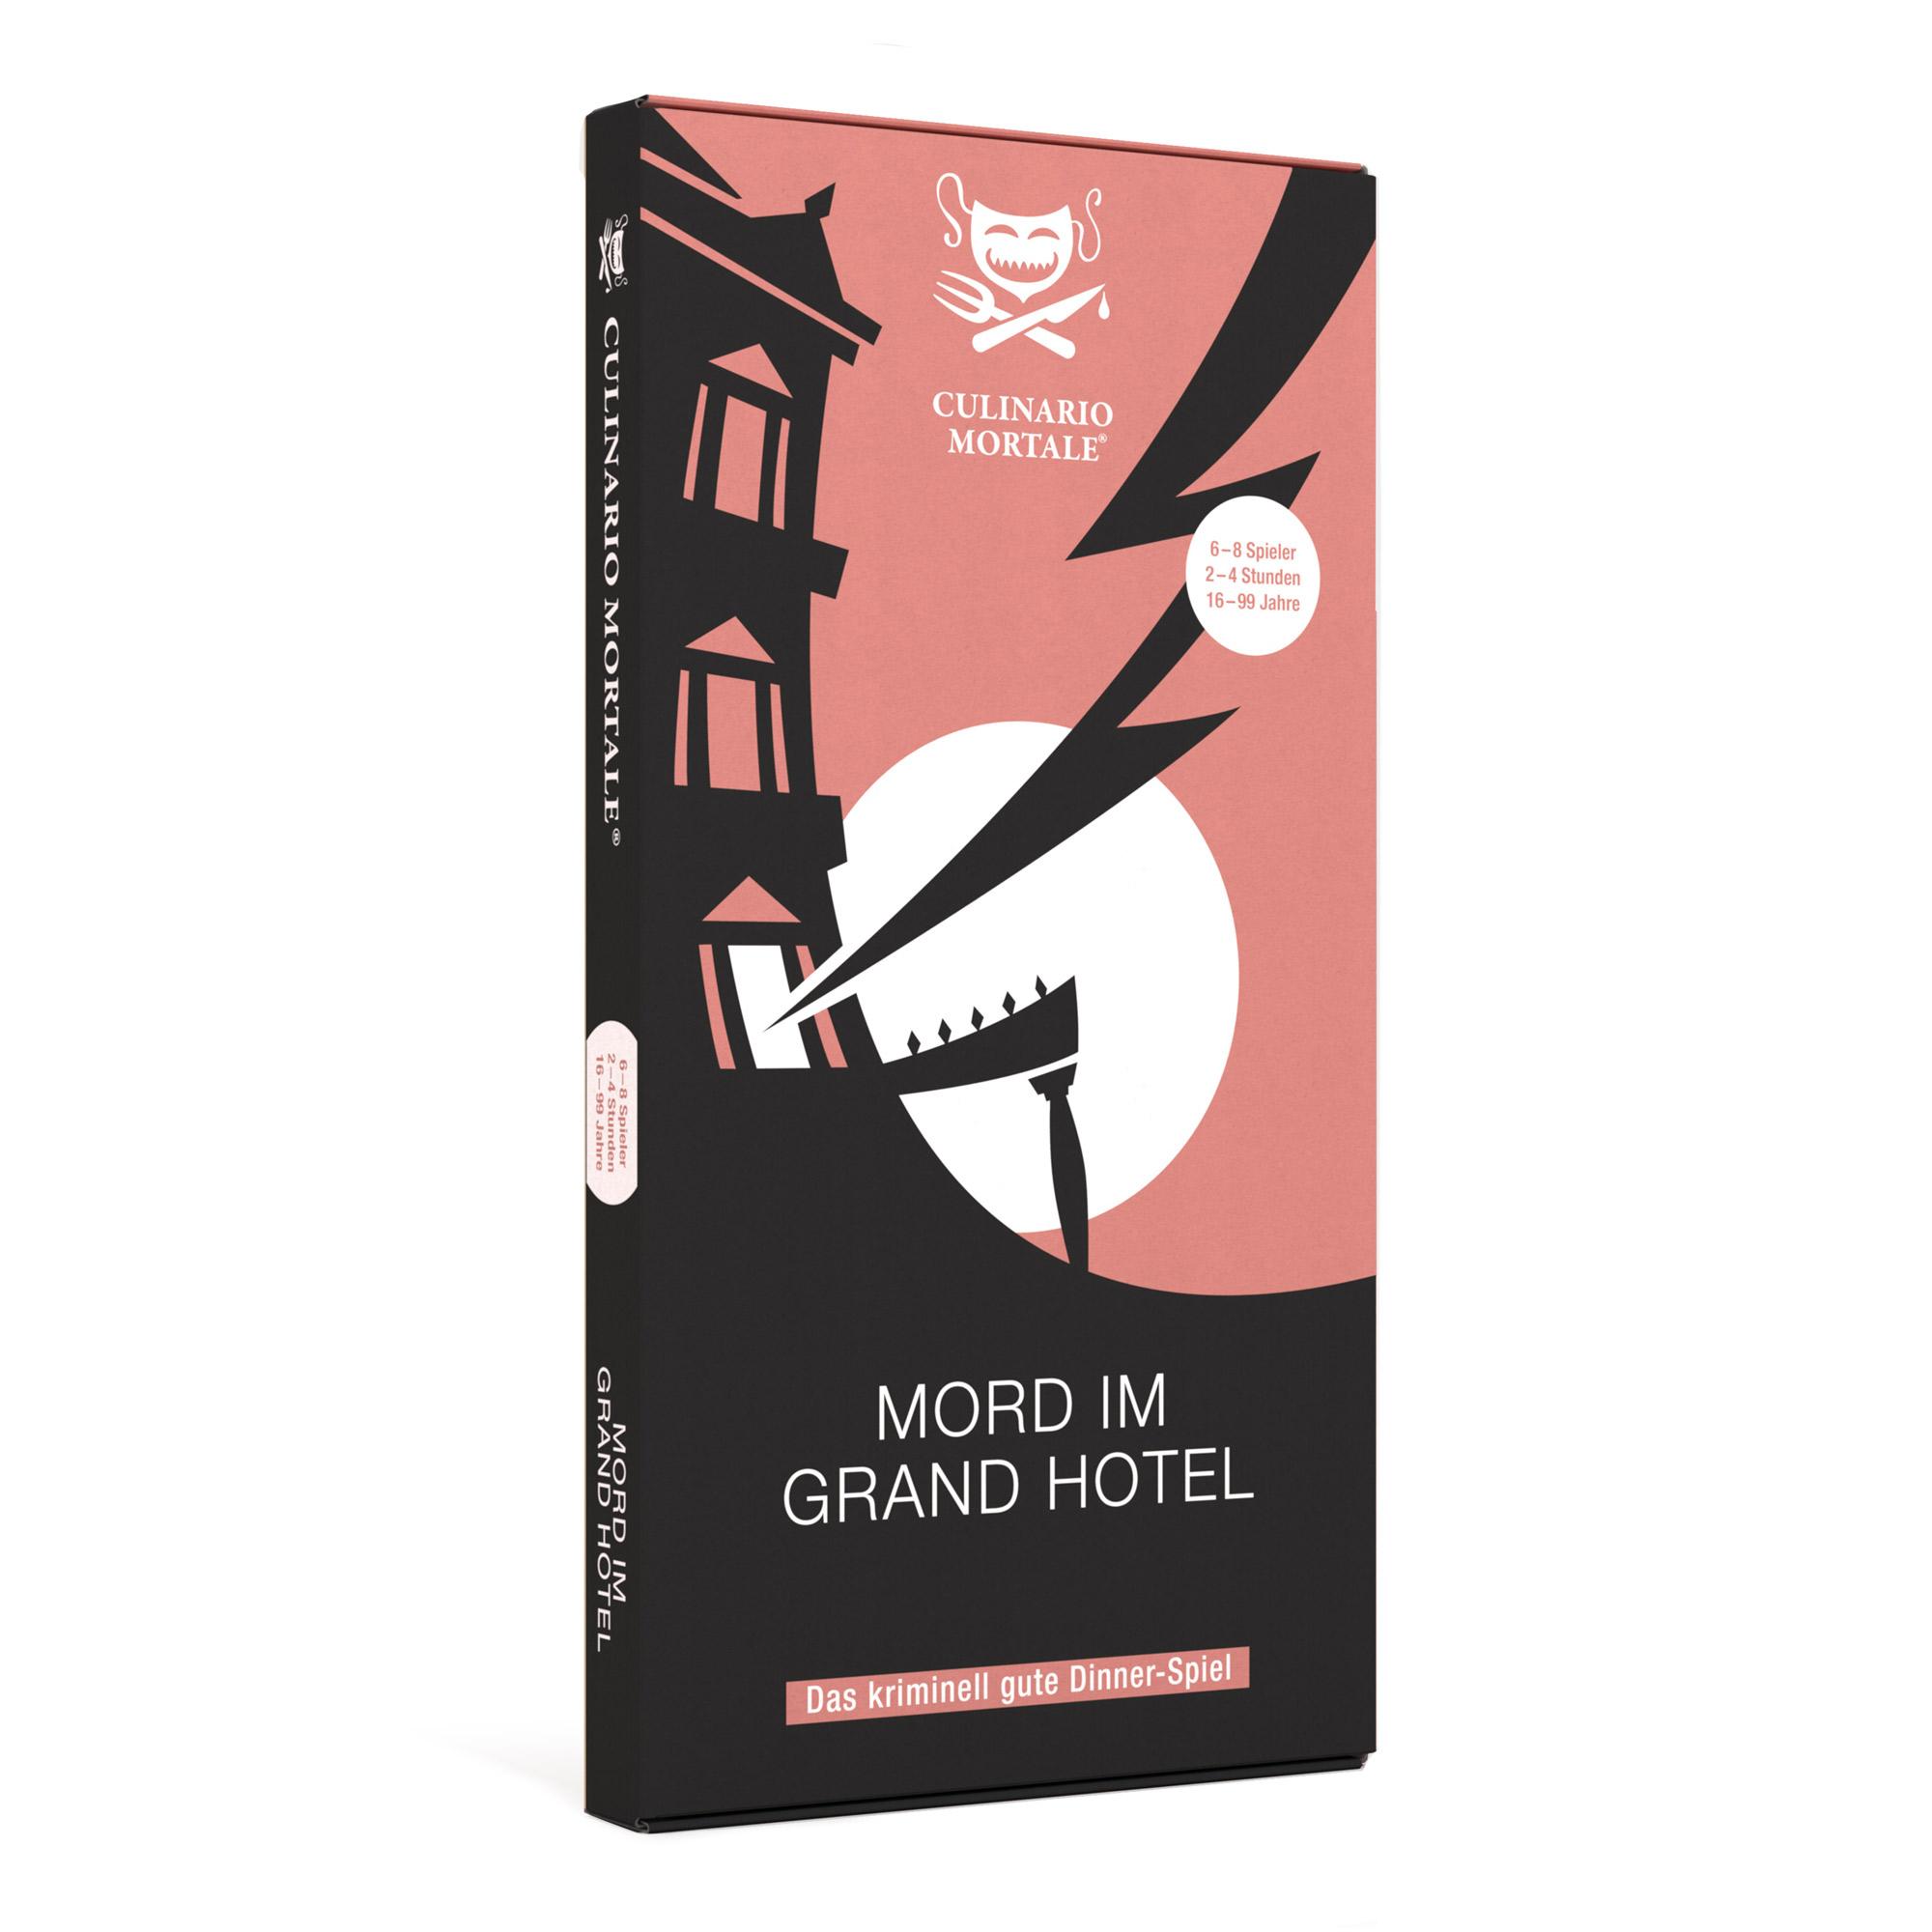 Kriminelles Dinner: Mord im Grand Hotel